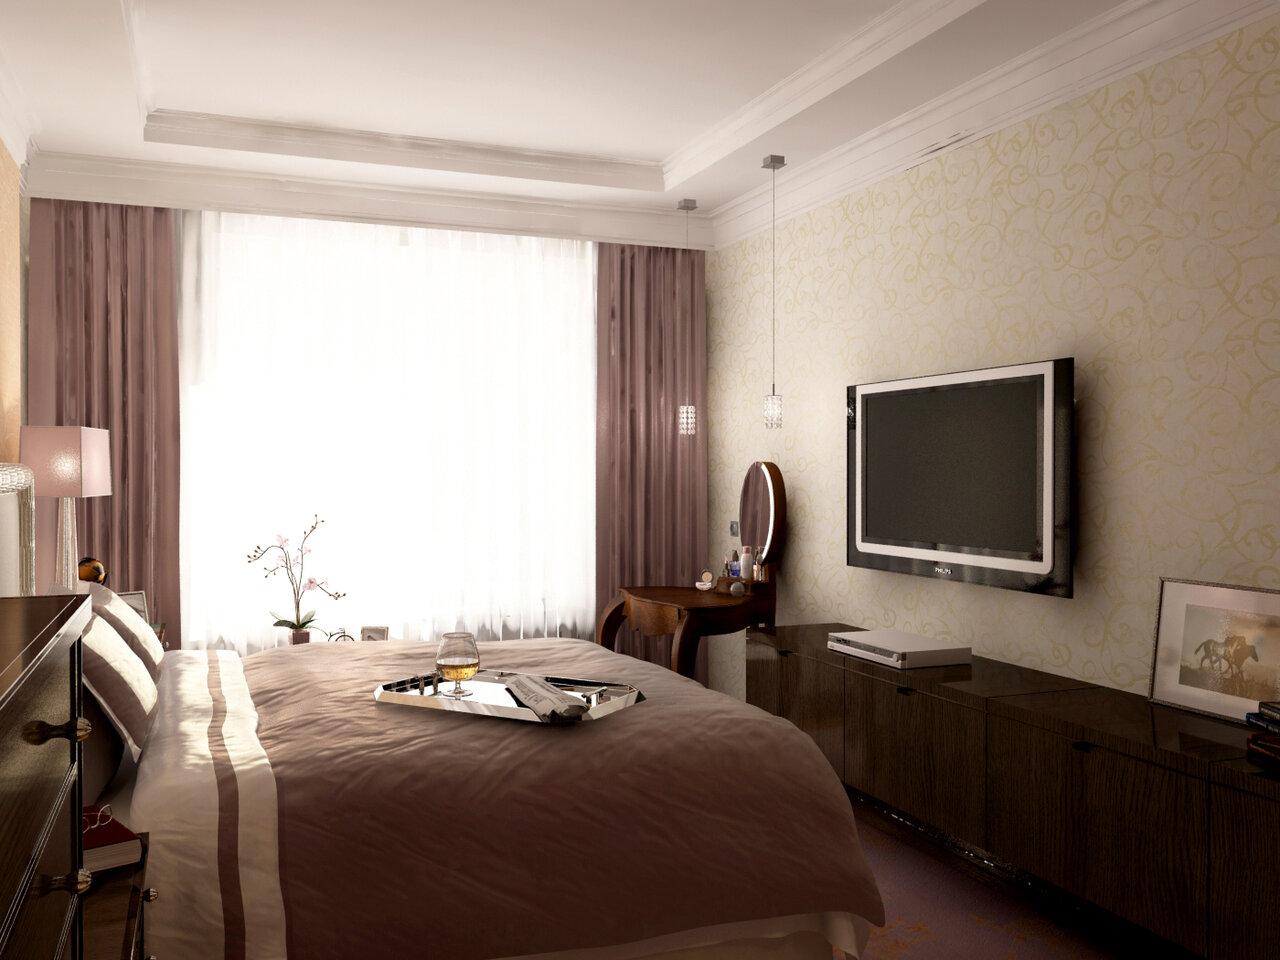 Недорогой дизайн комнаты в картинках